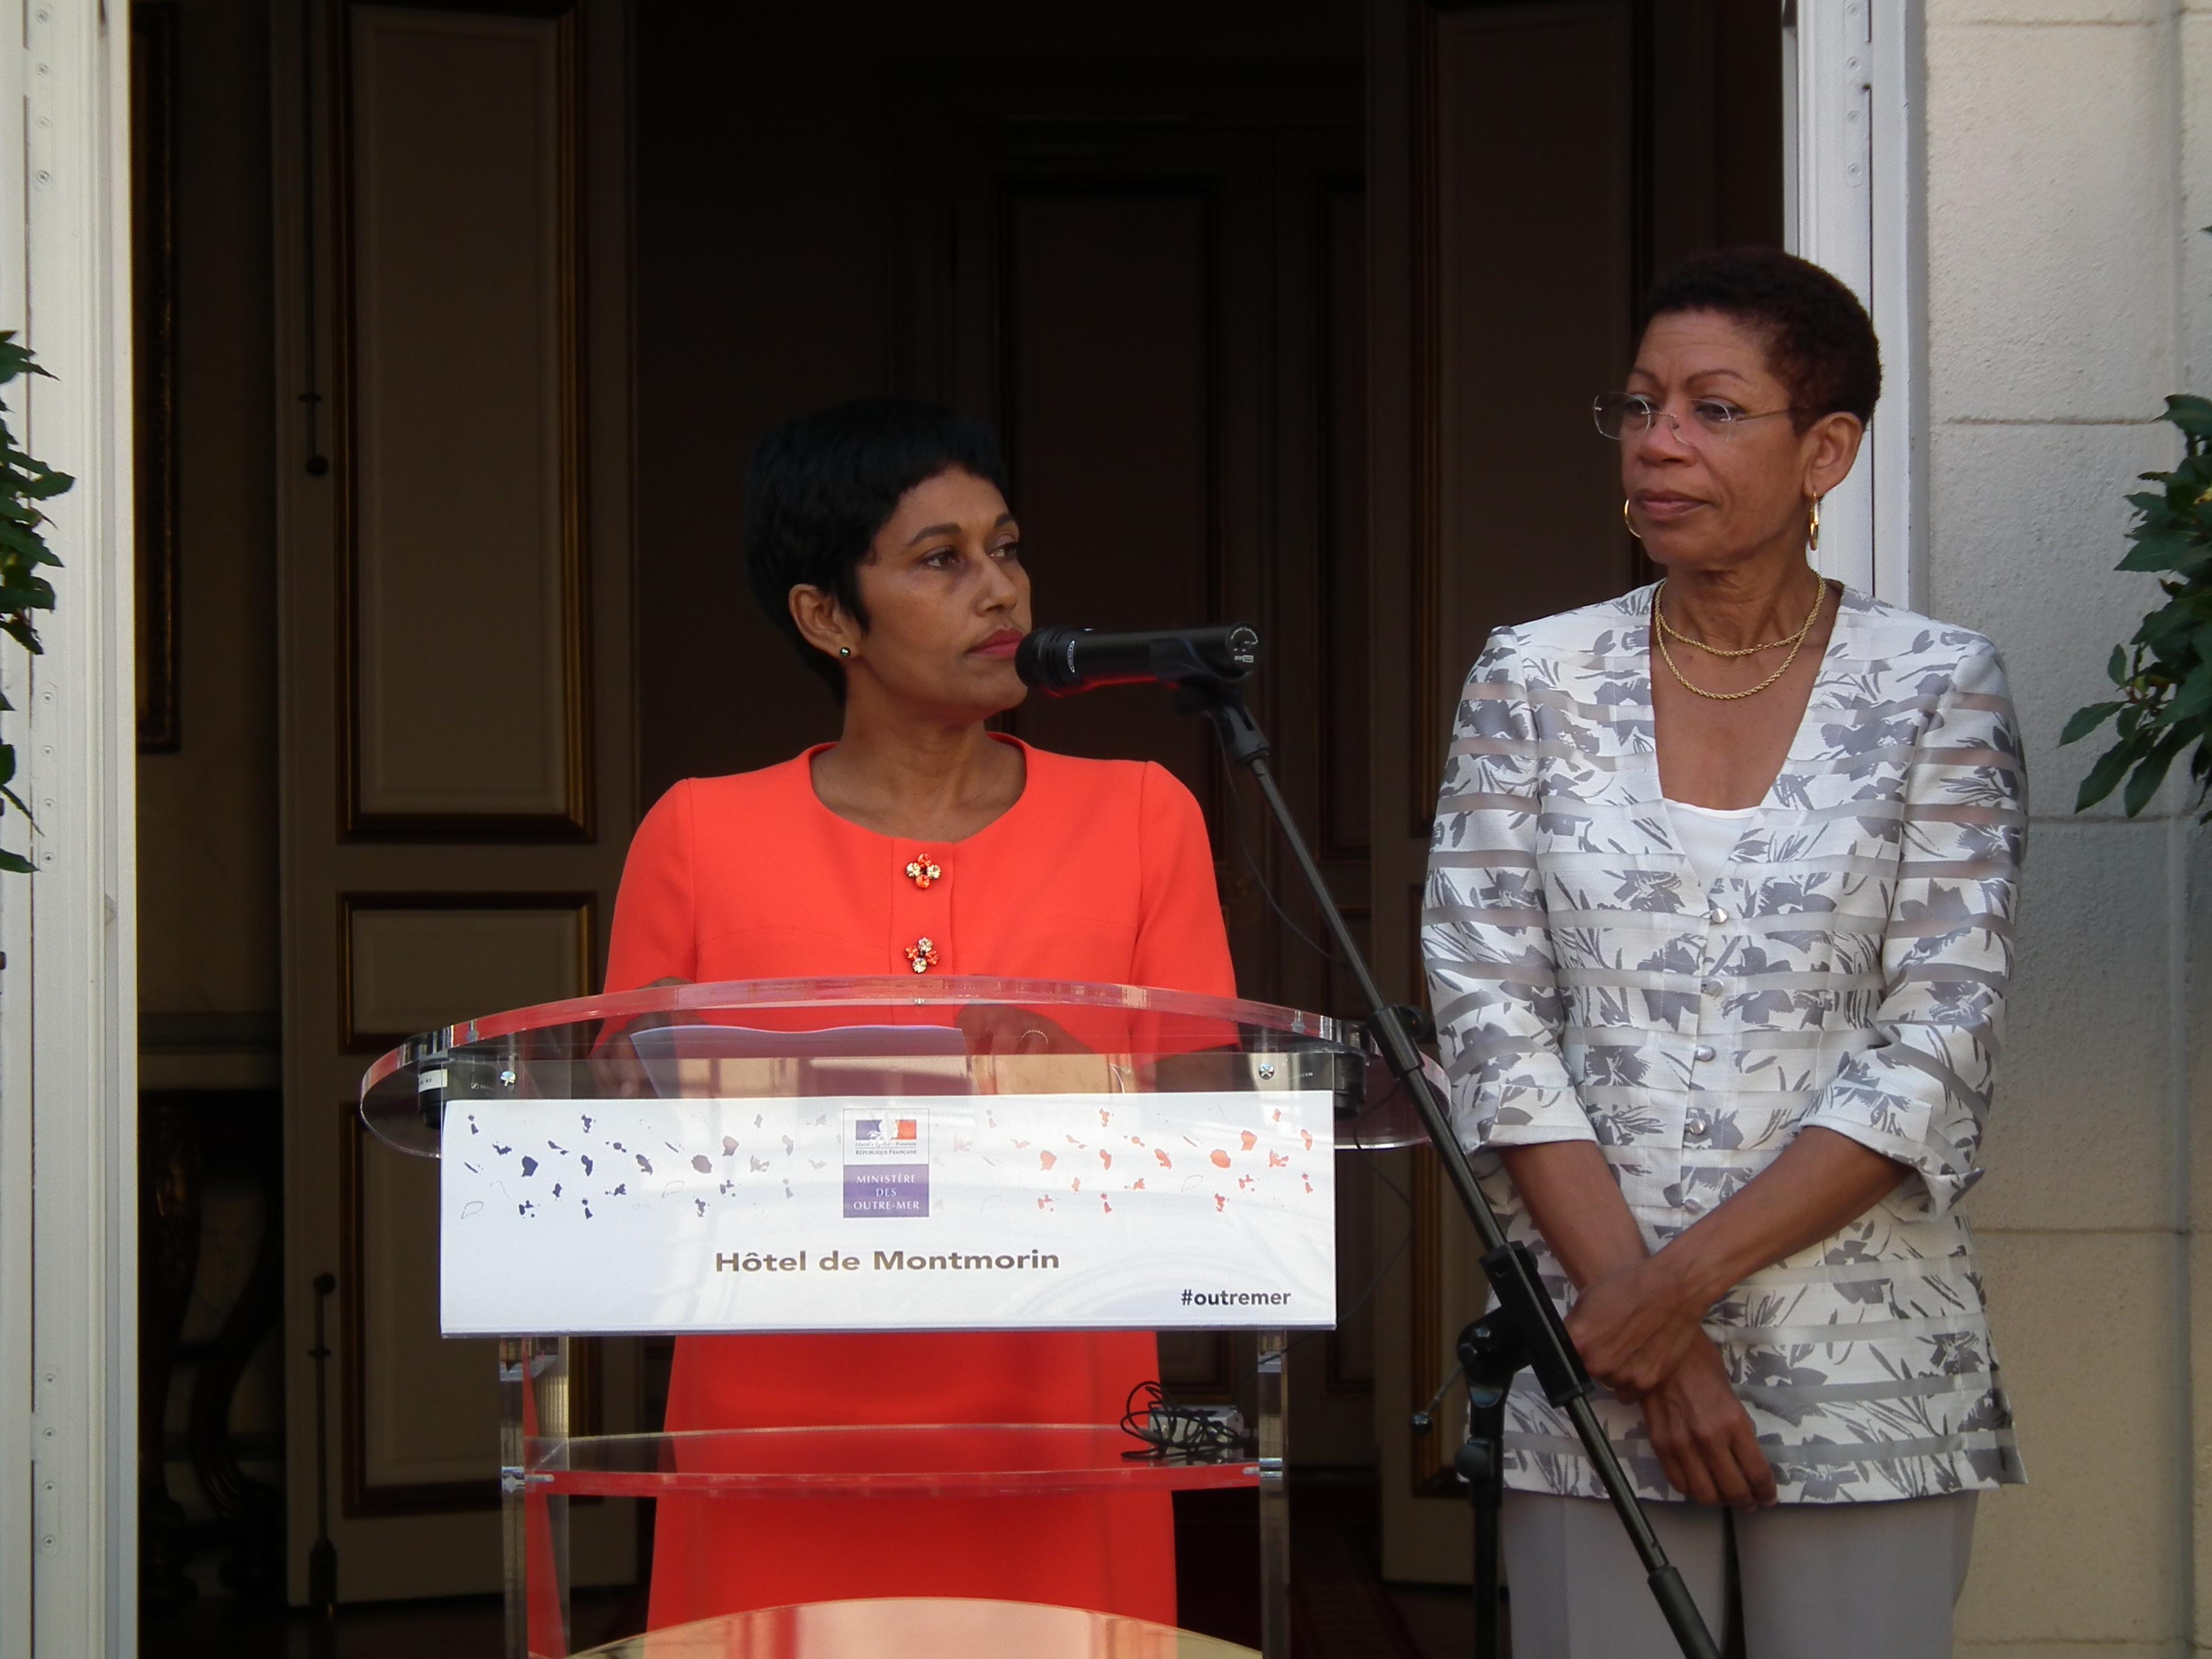 Mercredi matin, lors de la passation de pouvoirs au ministère des Outre-mer, entre George Pau-Langevin et Ericka Bareigts.